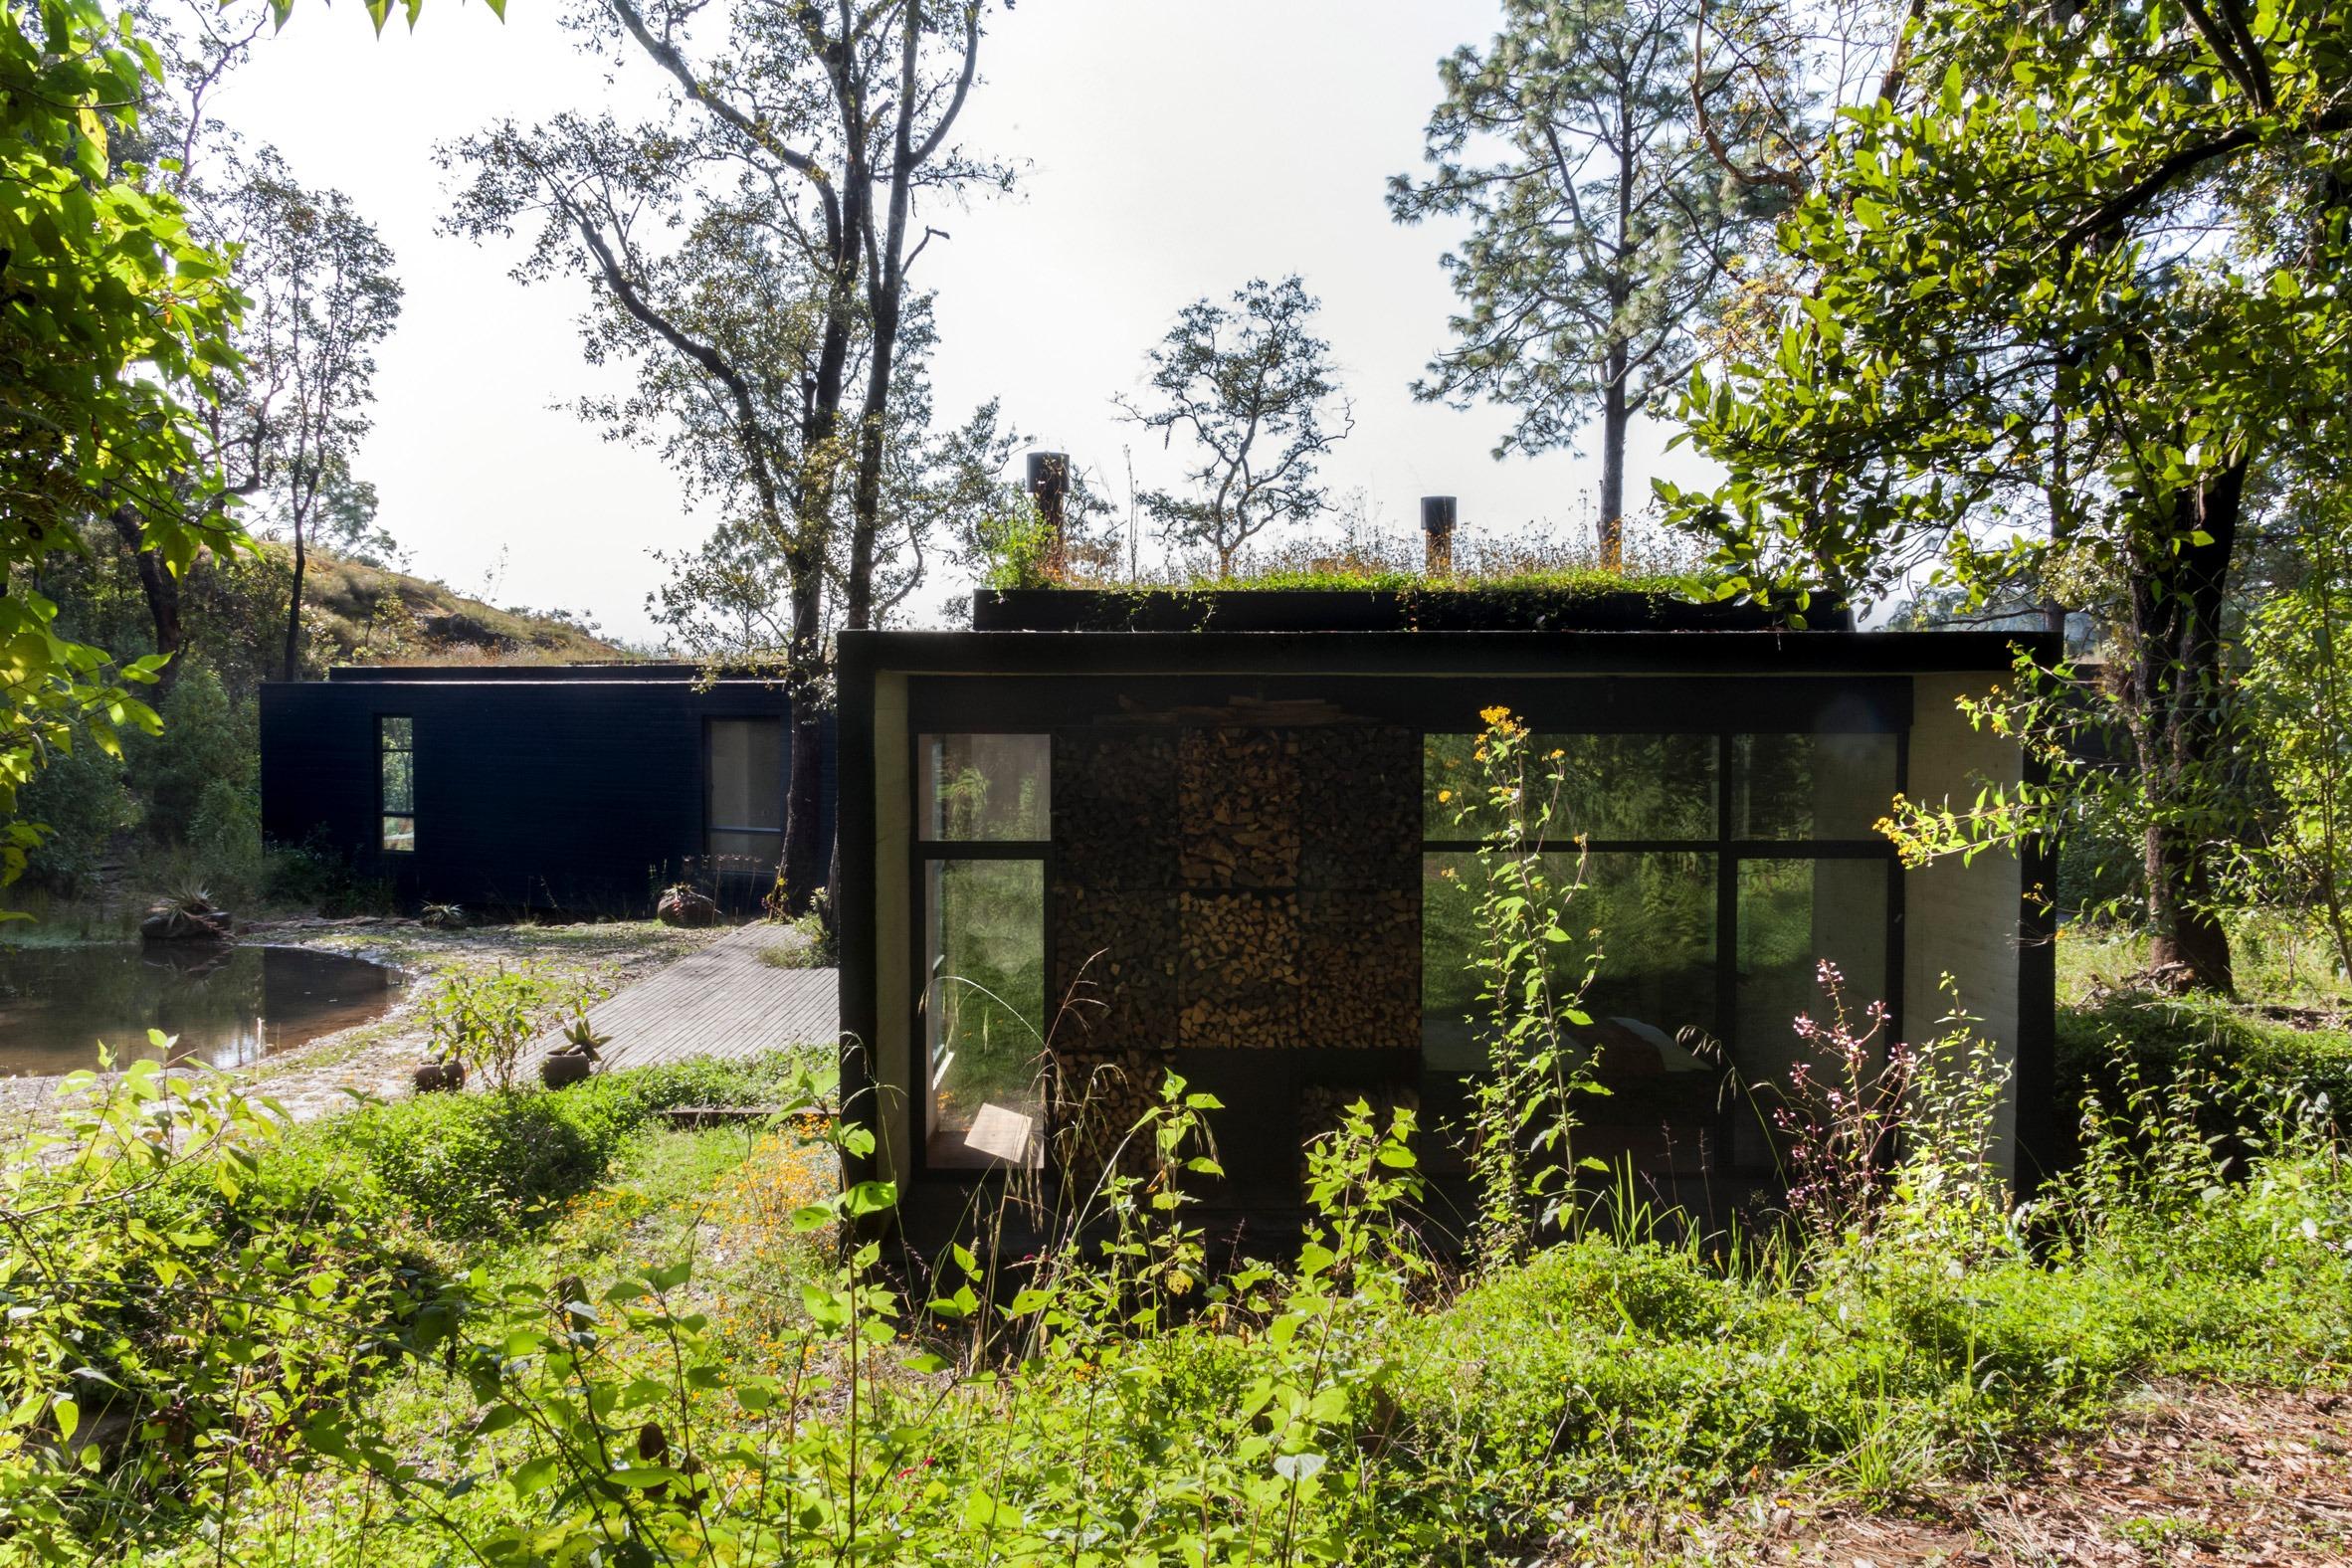 lago casa isolada